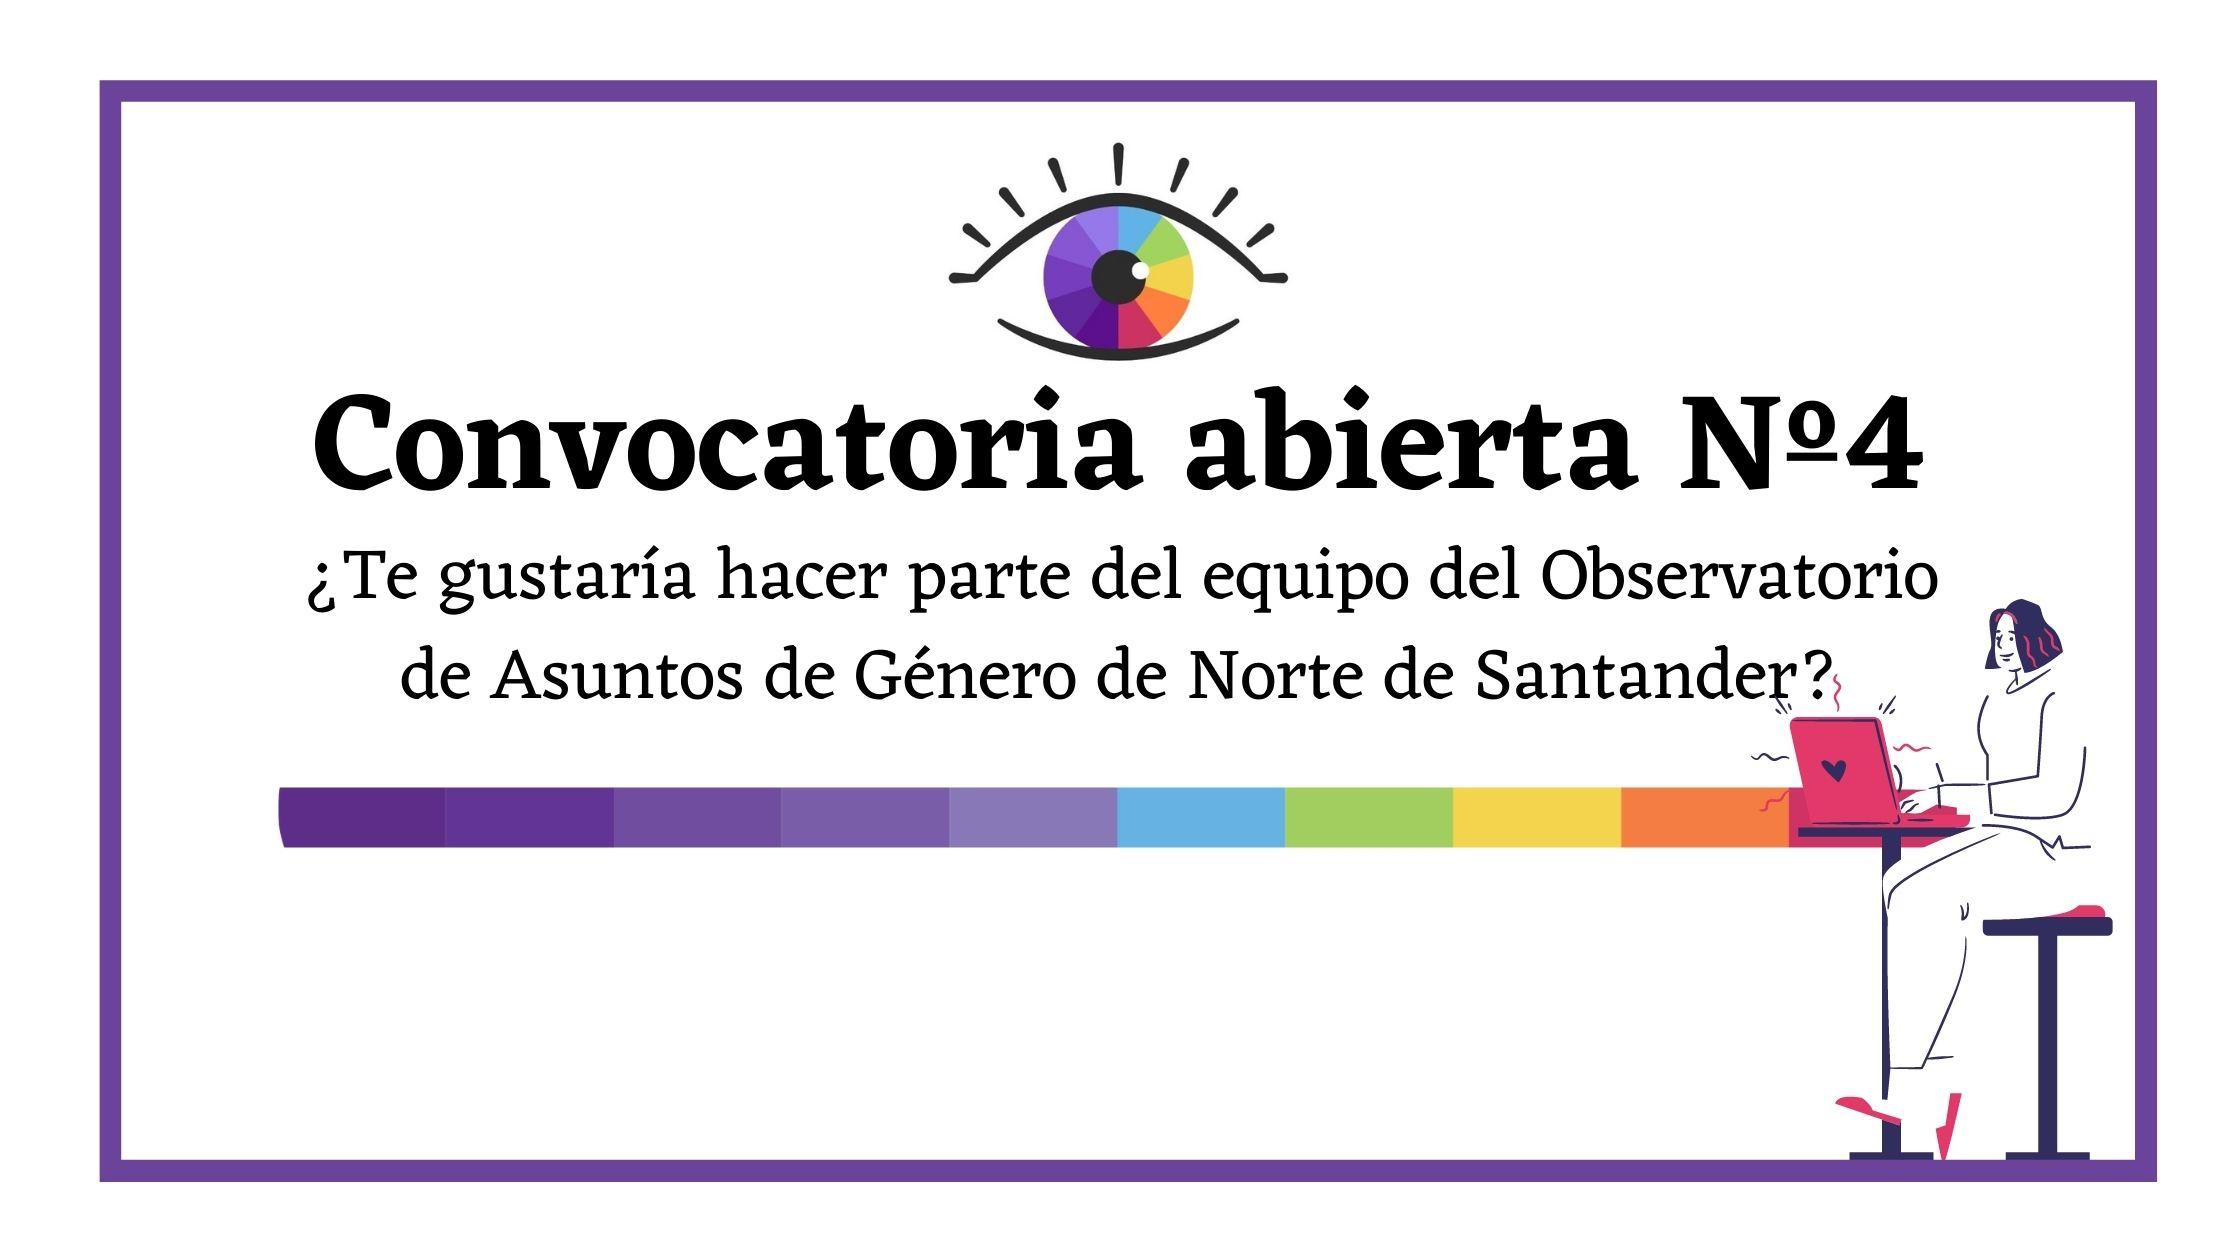 ¿Te gustaría hacer parte del equipo del Observatorio de Asuntos de Género de Norte de Santander (1)